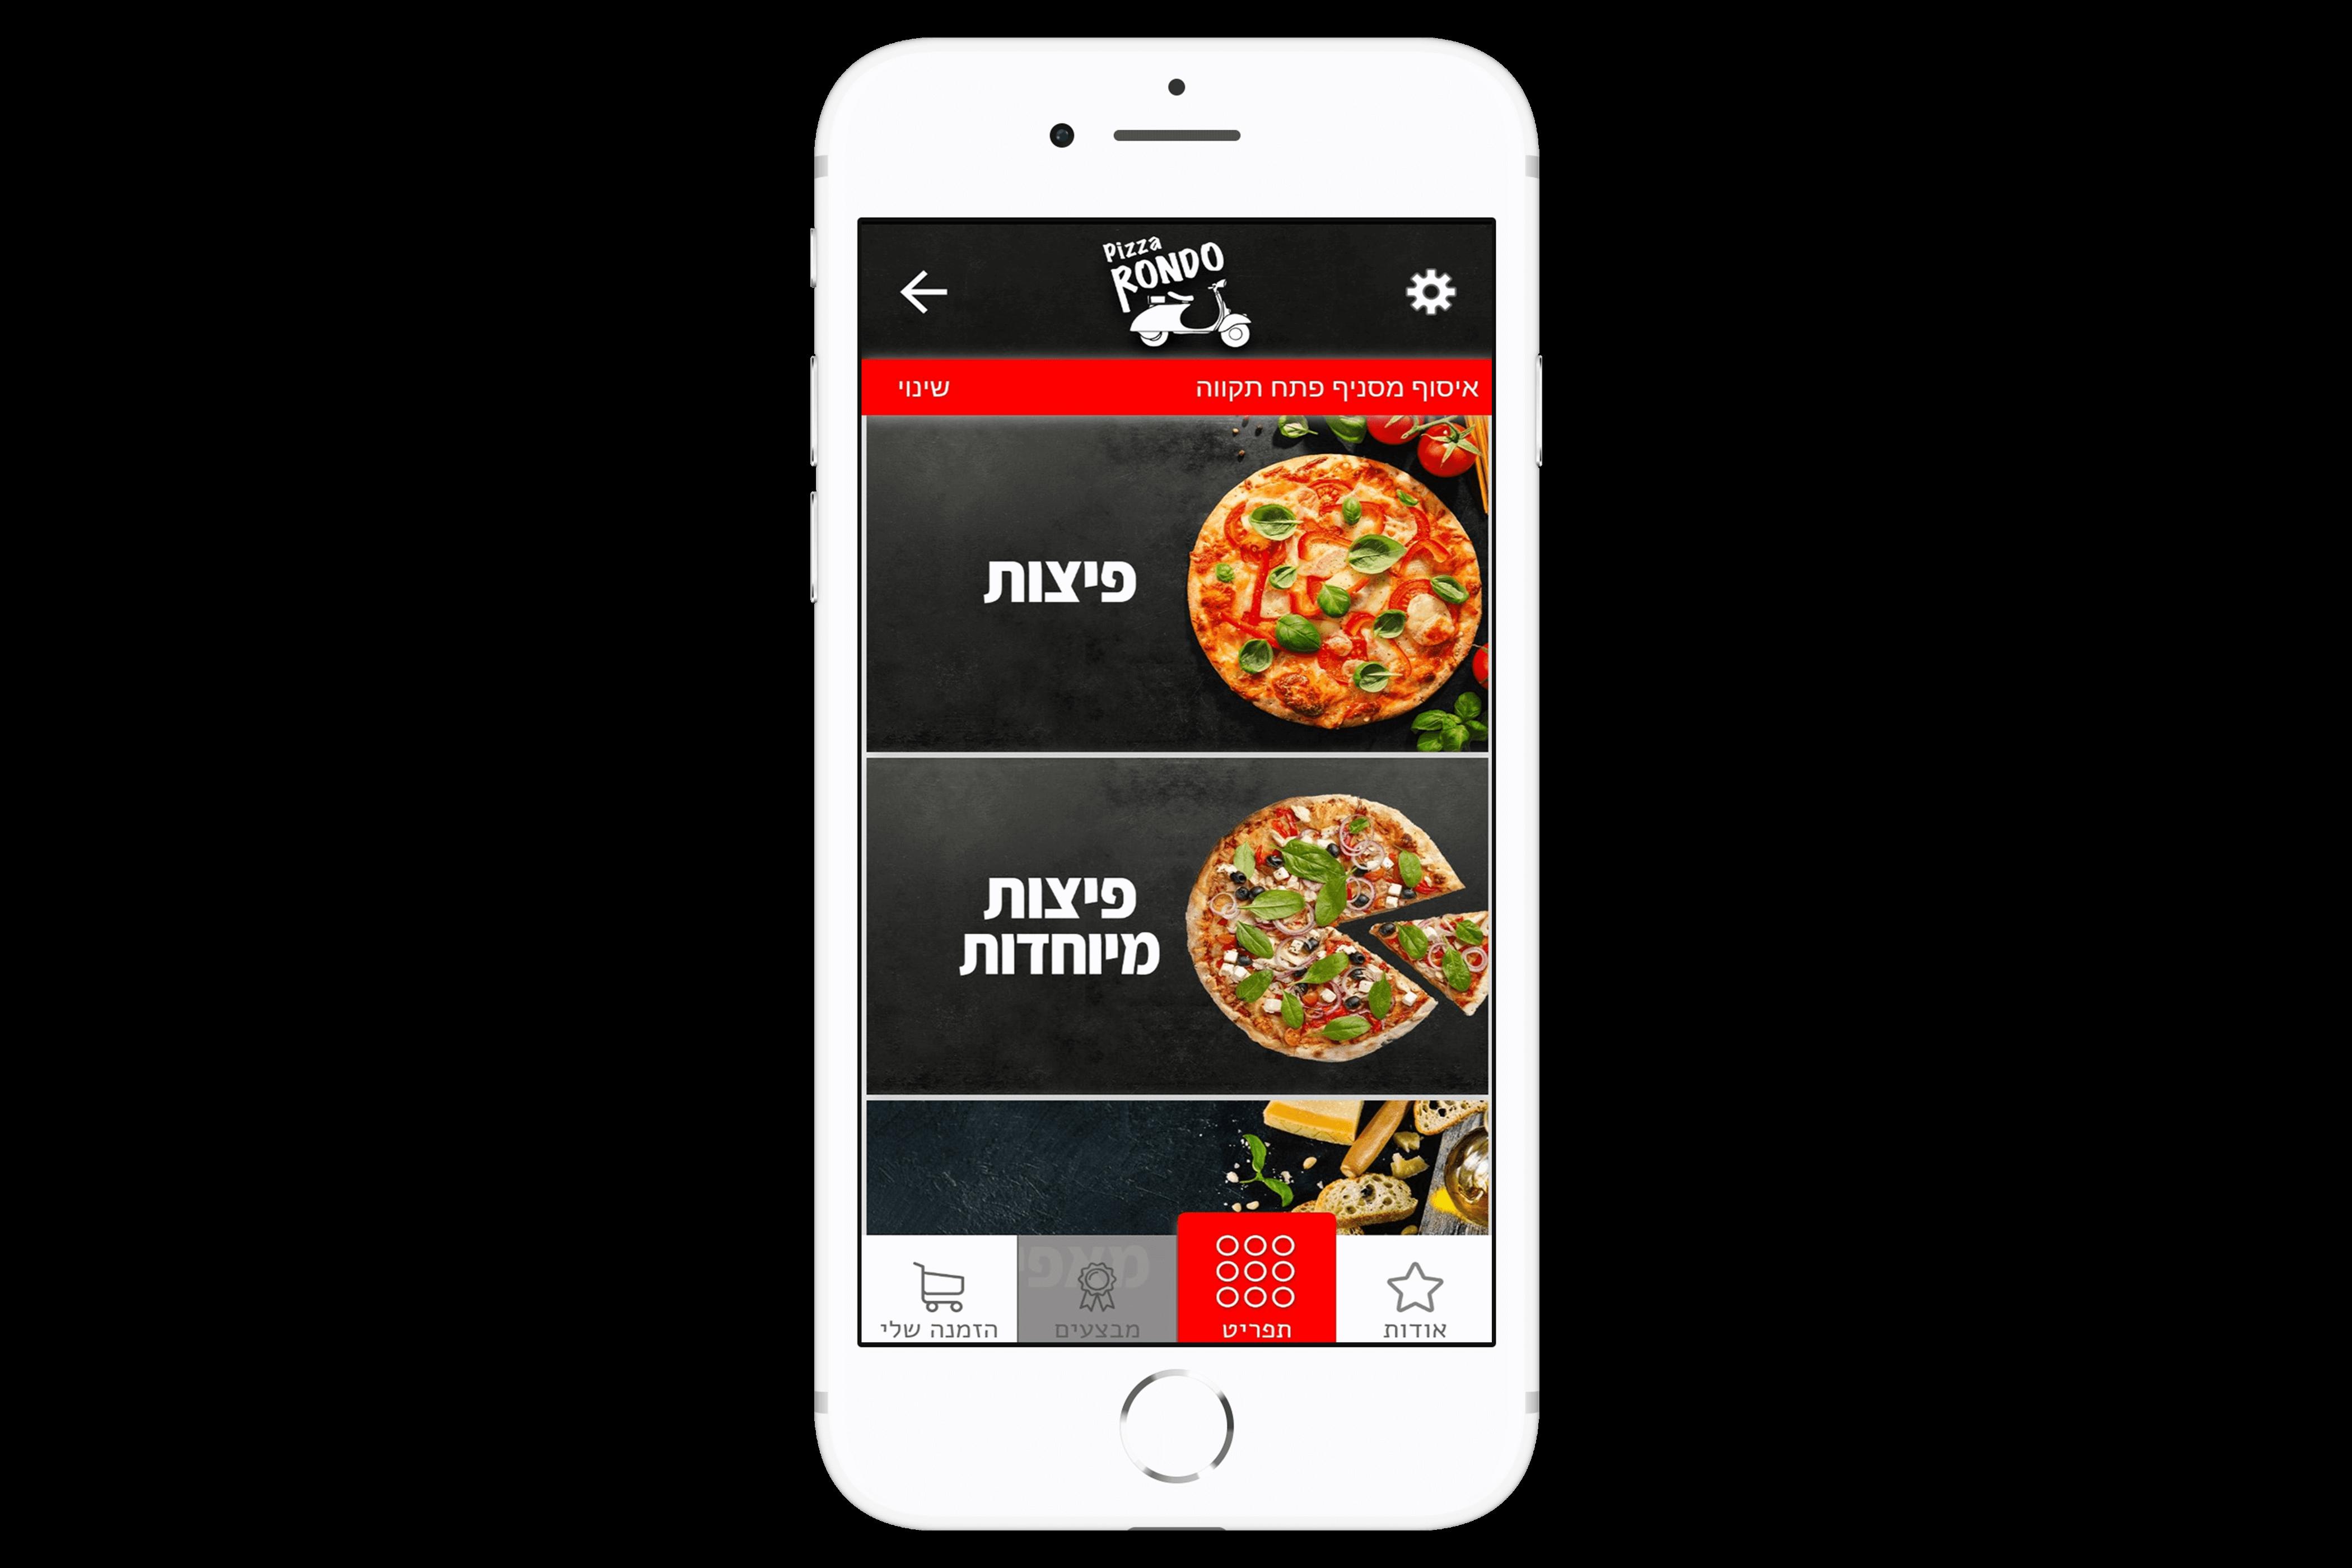 אפליקציית הזמנות של פיצה רונדו מבין הלקוחות שלנו